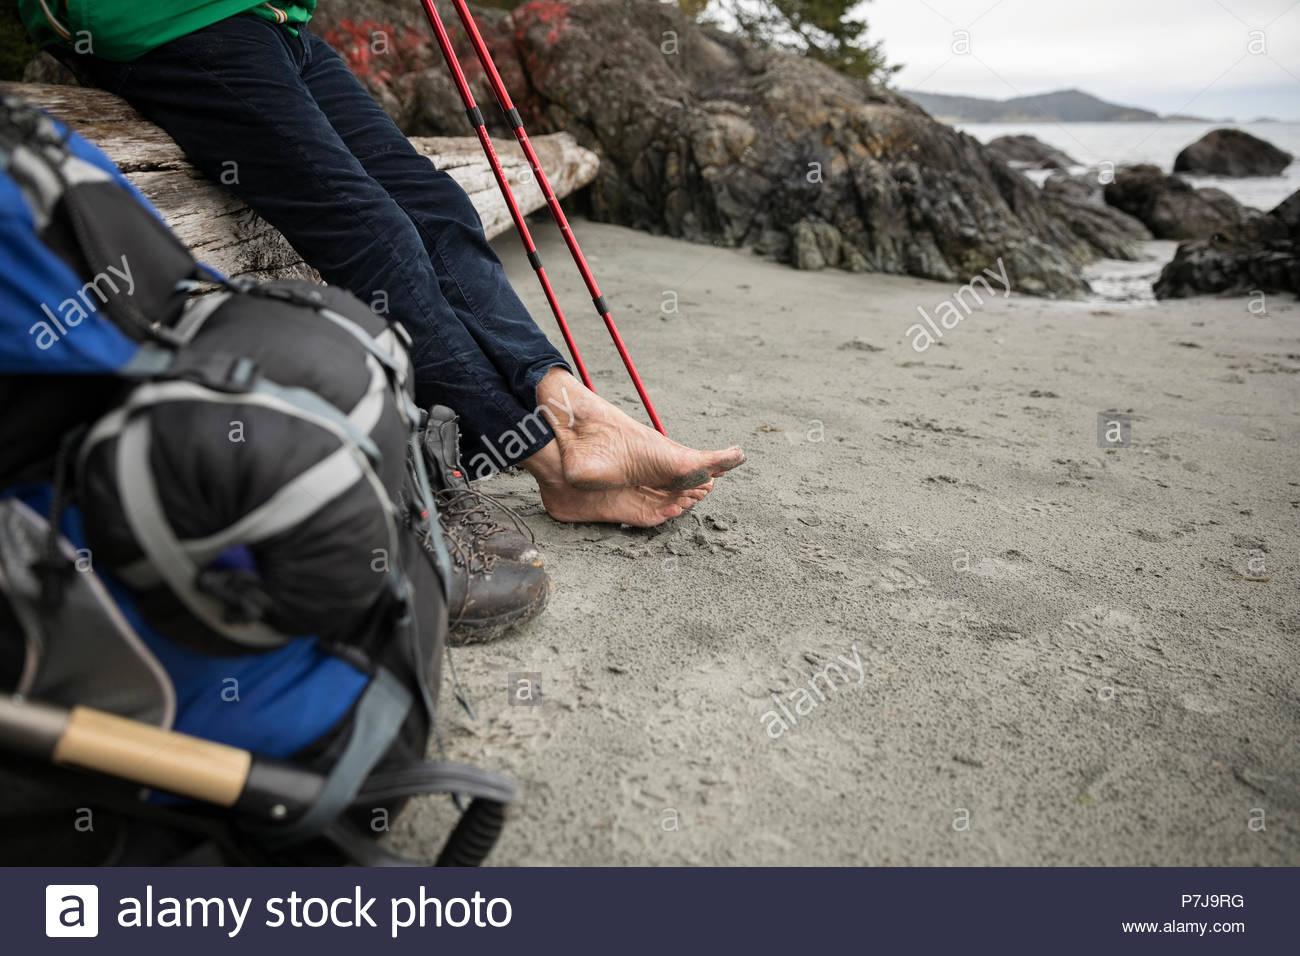 A piedi nudi uomo backpacking, appoggiato sulla spiaggia robusto Immagini Stock